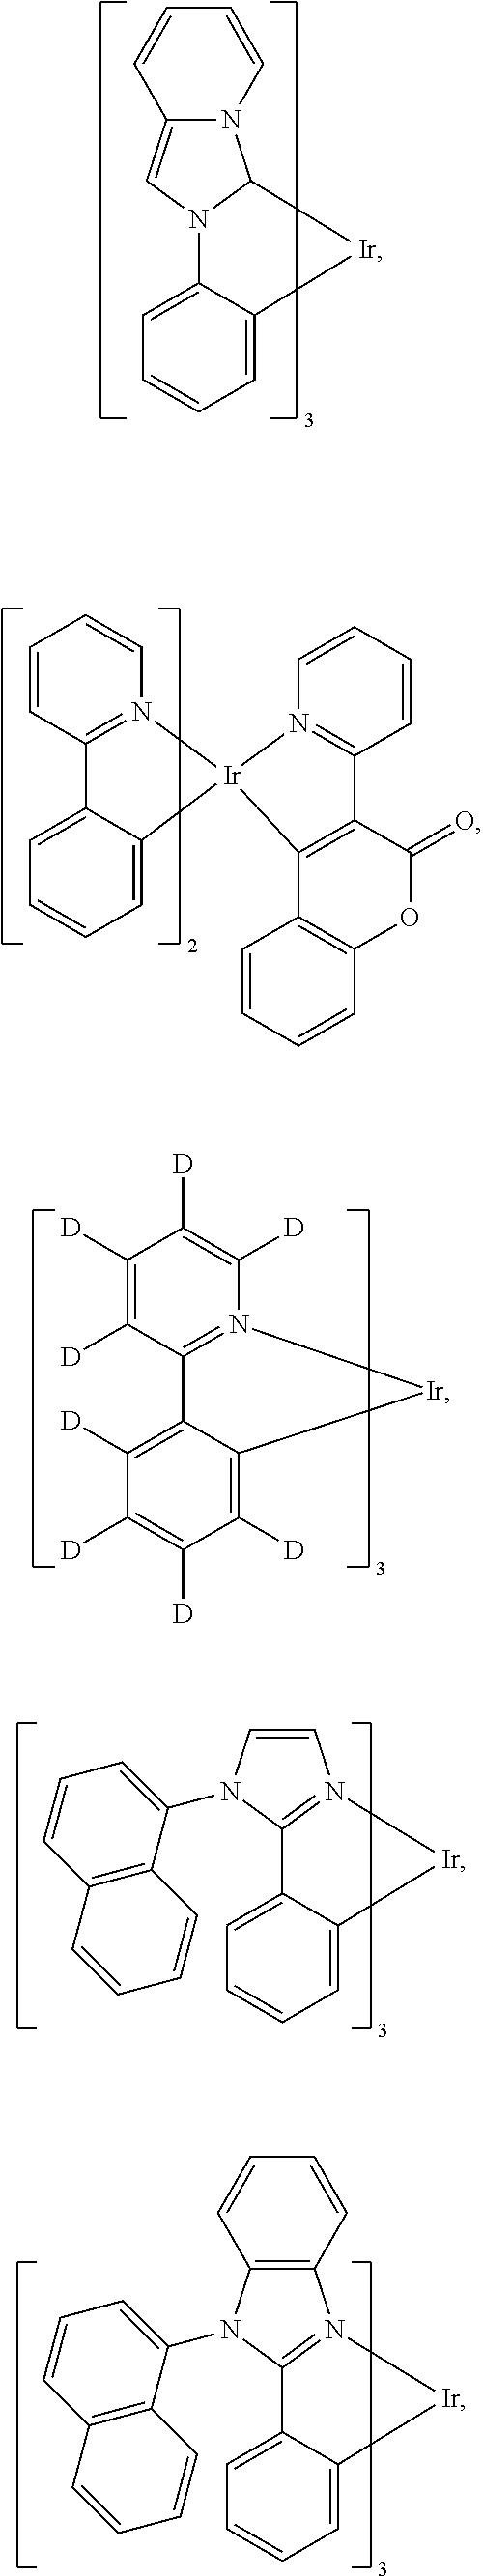 Figure US20190161504A1-20190530-C00082